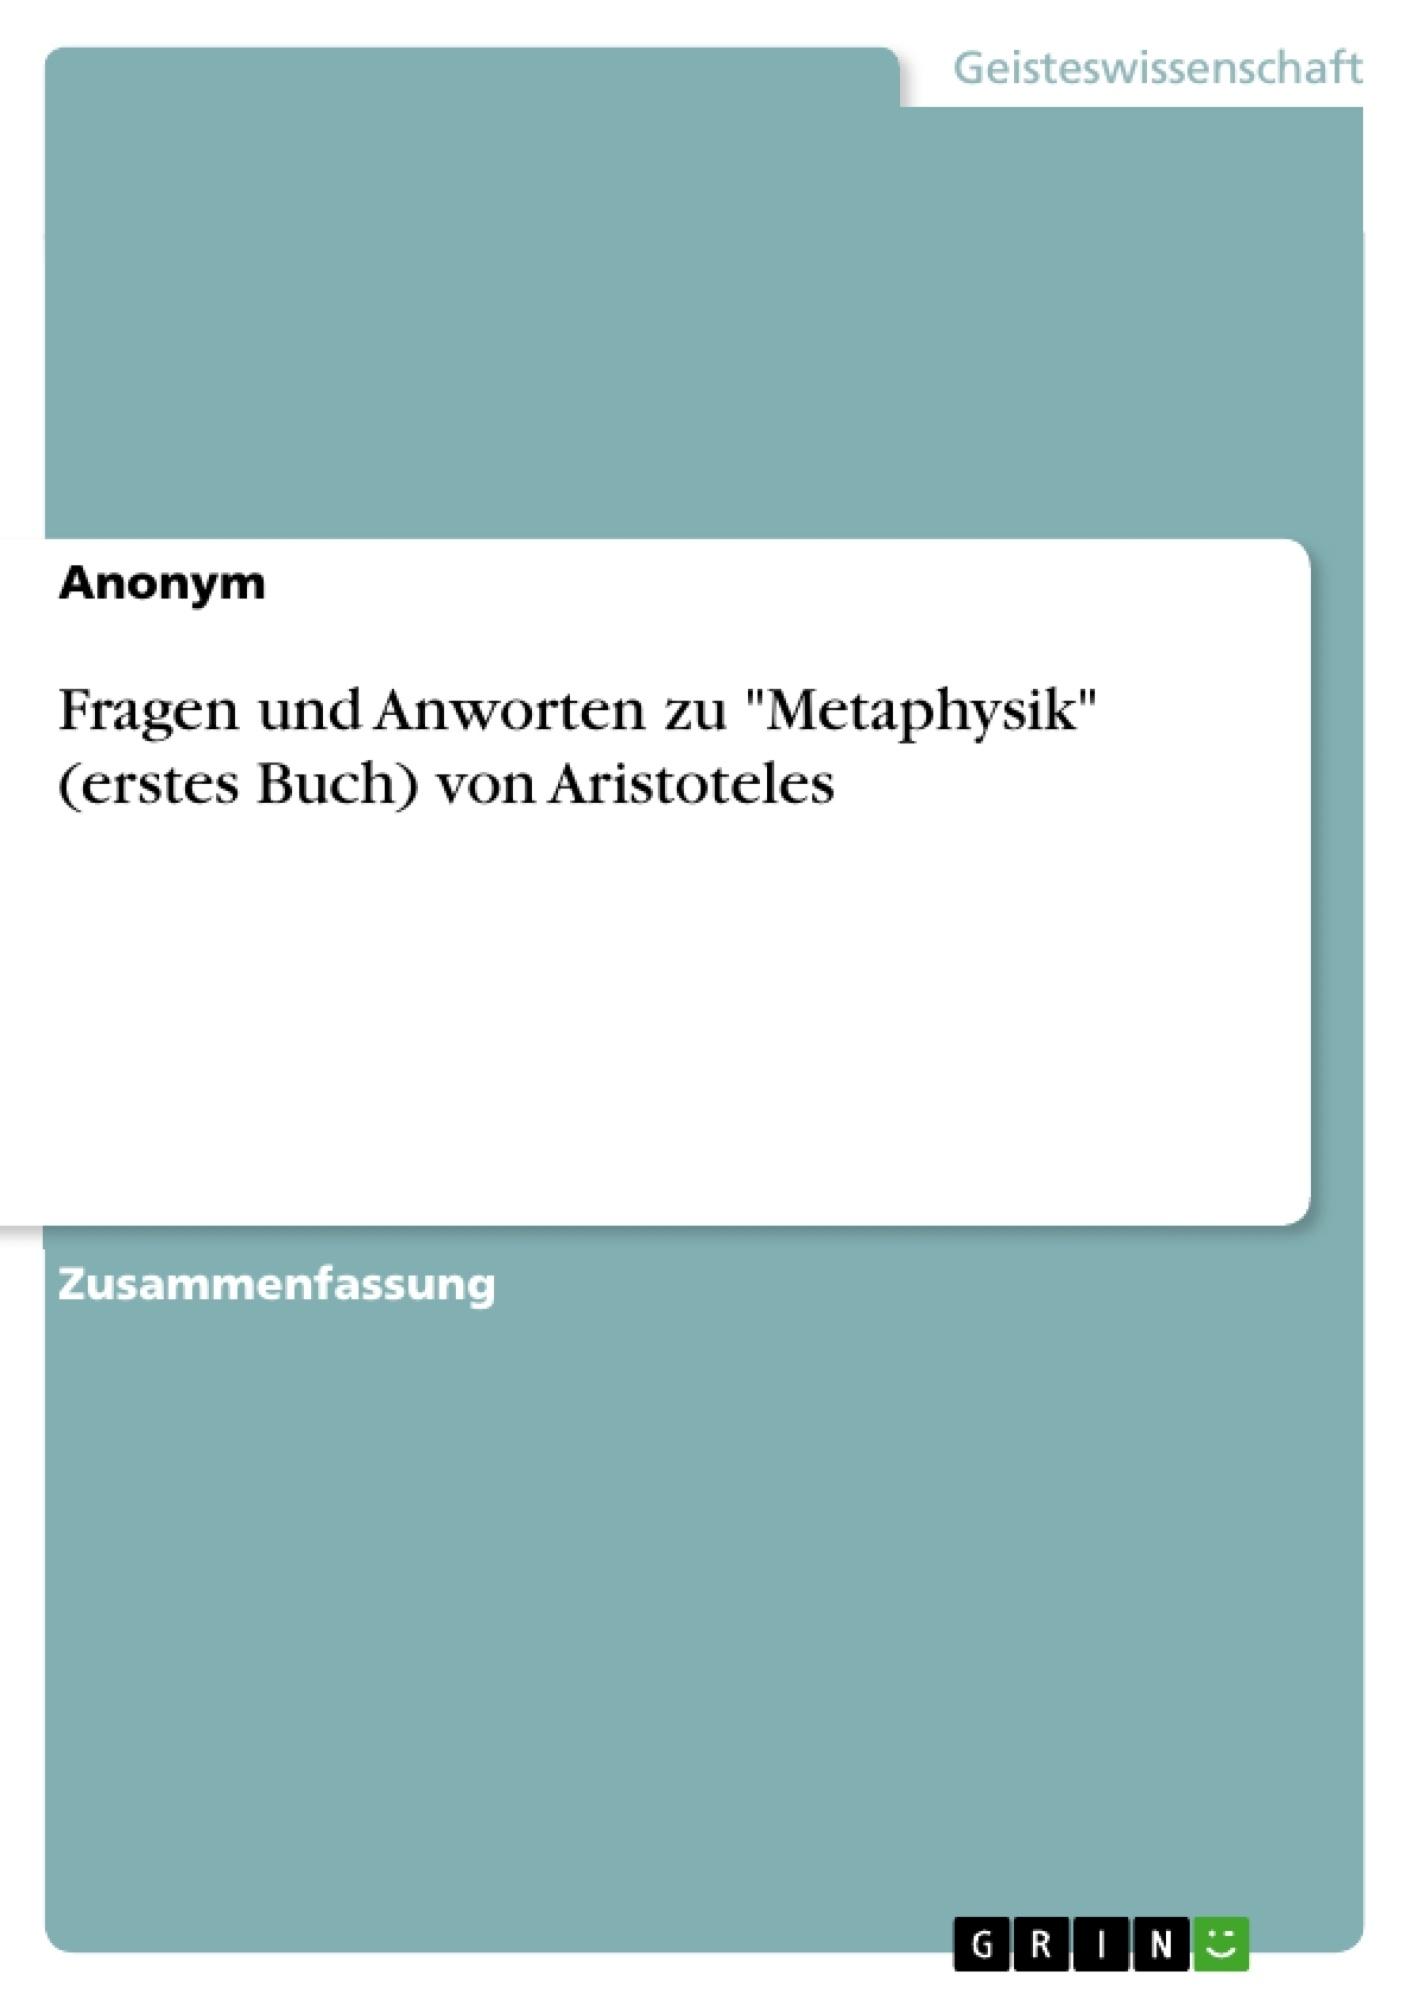 """Titel: Fragen und Anworten zu """"Metaphysik"""" (erstes Buch) von Aristoteles"""